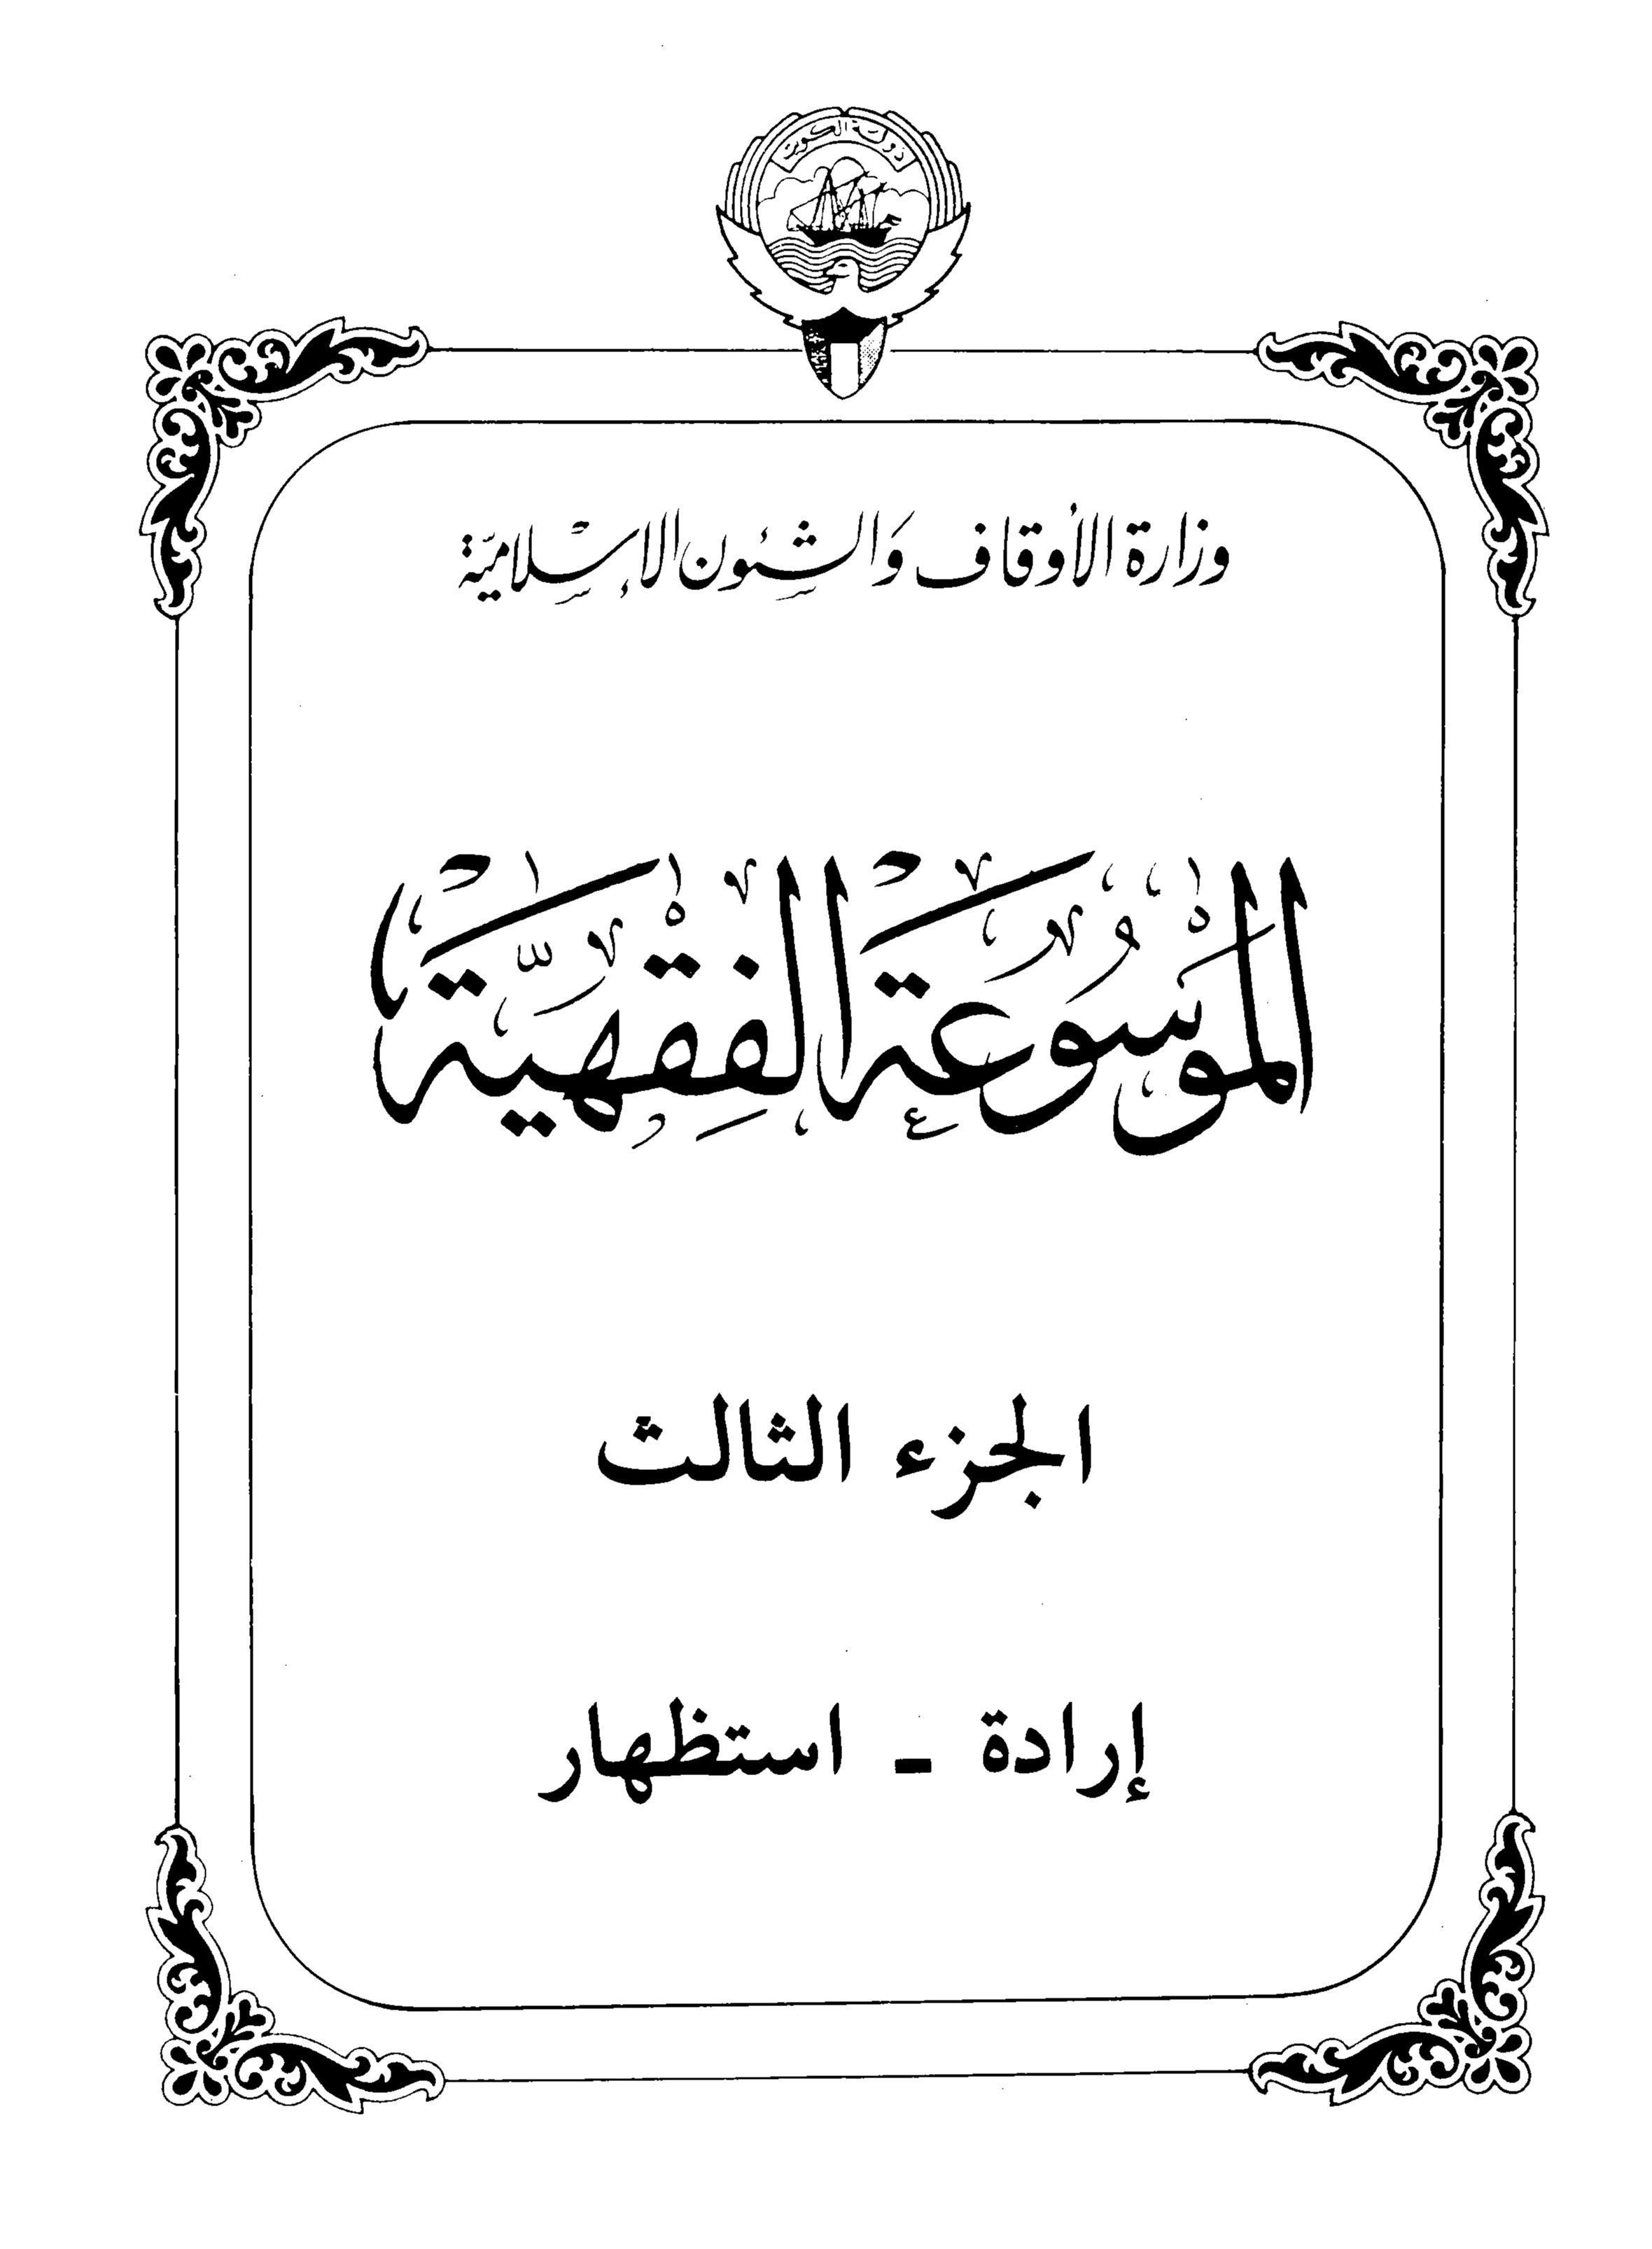 الموسوعة الفقهية الكويتية  – الجزء الثالث (إرادة – استظهار)